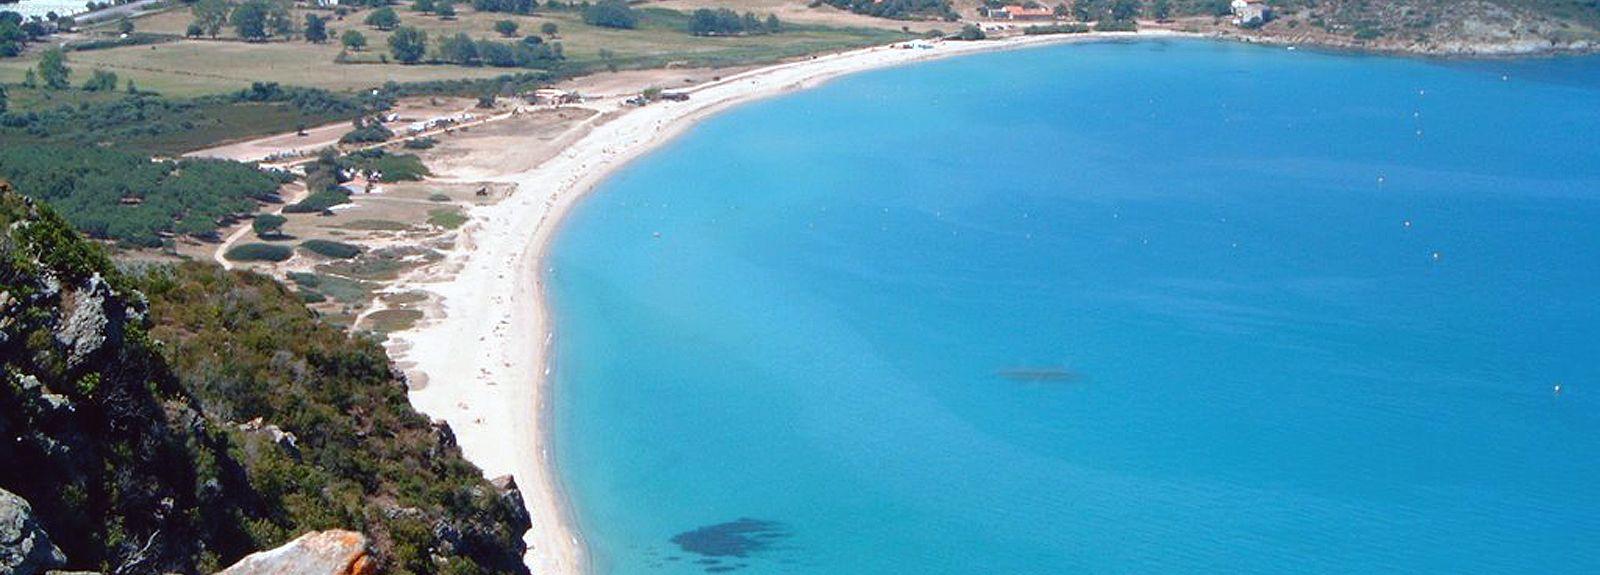 L'Ile Rousse Beach, L'Ile-Rousse, France